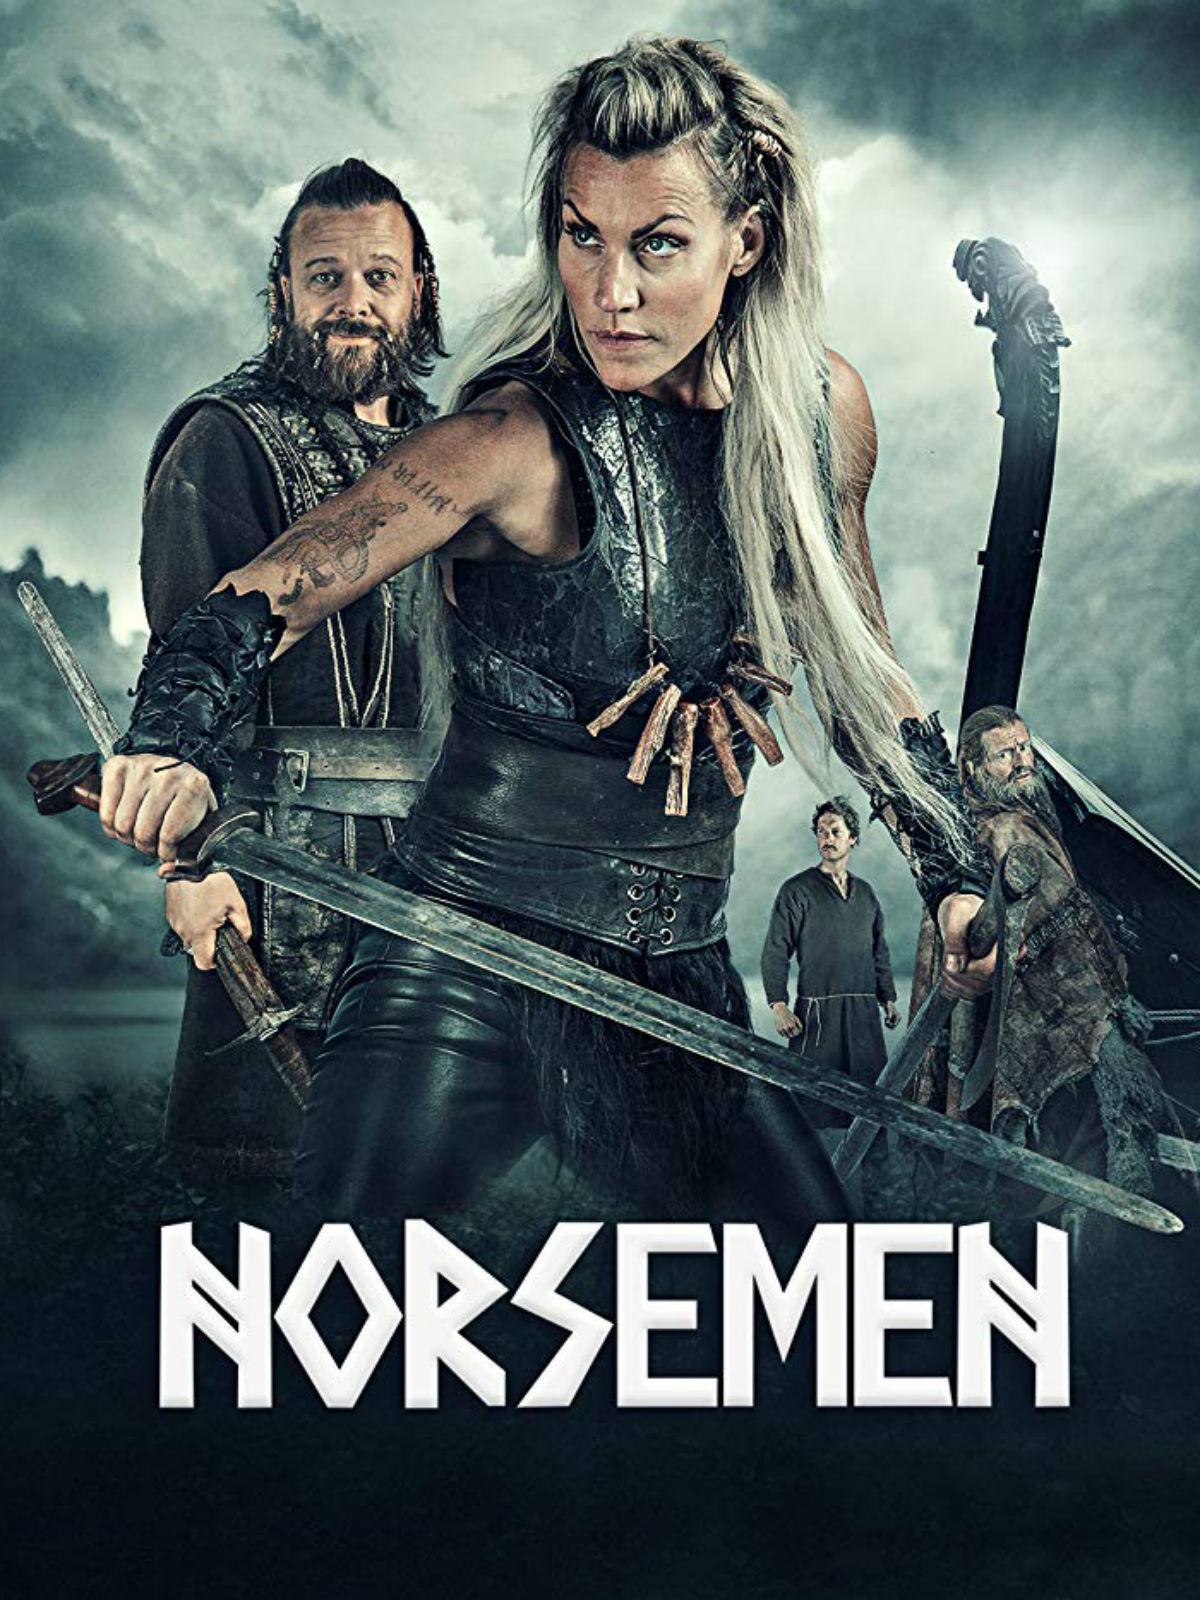 43 - Norsemen